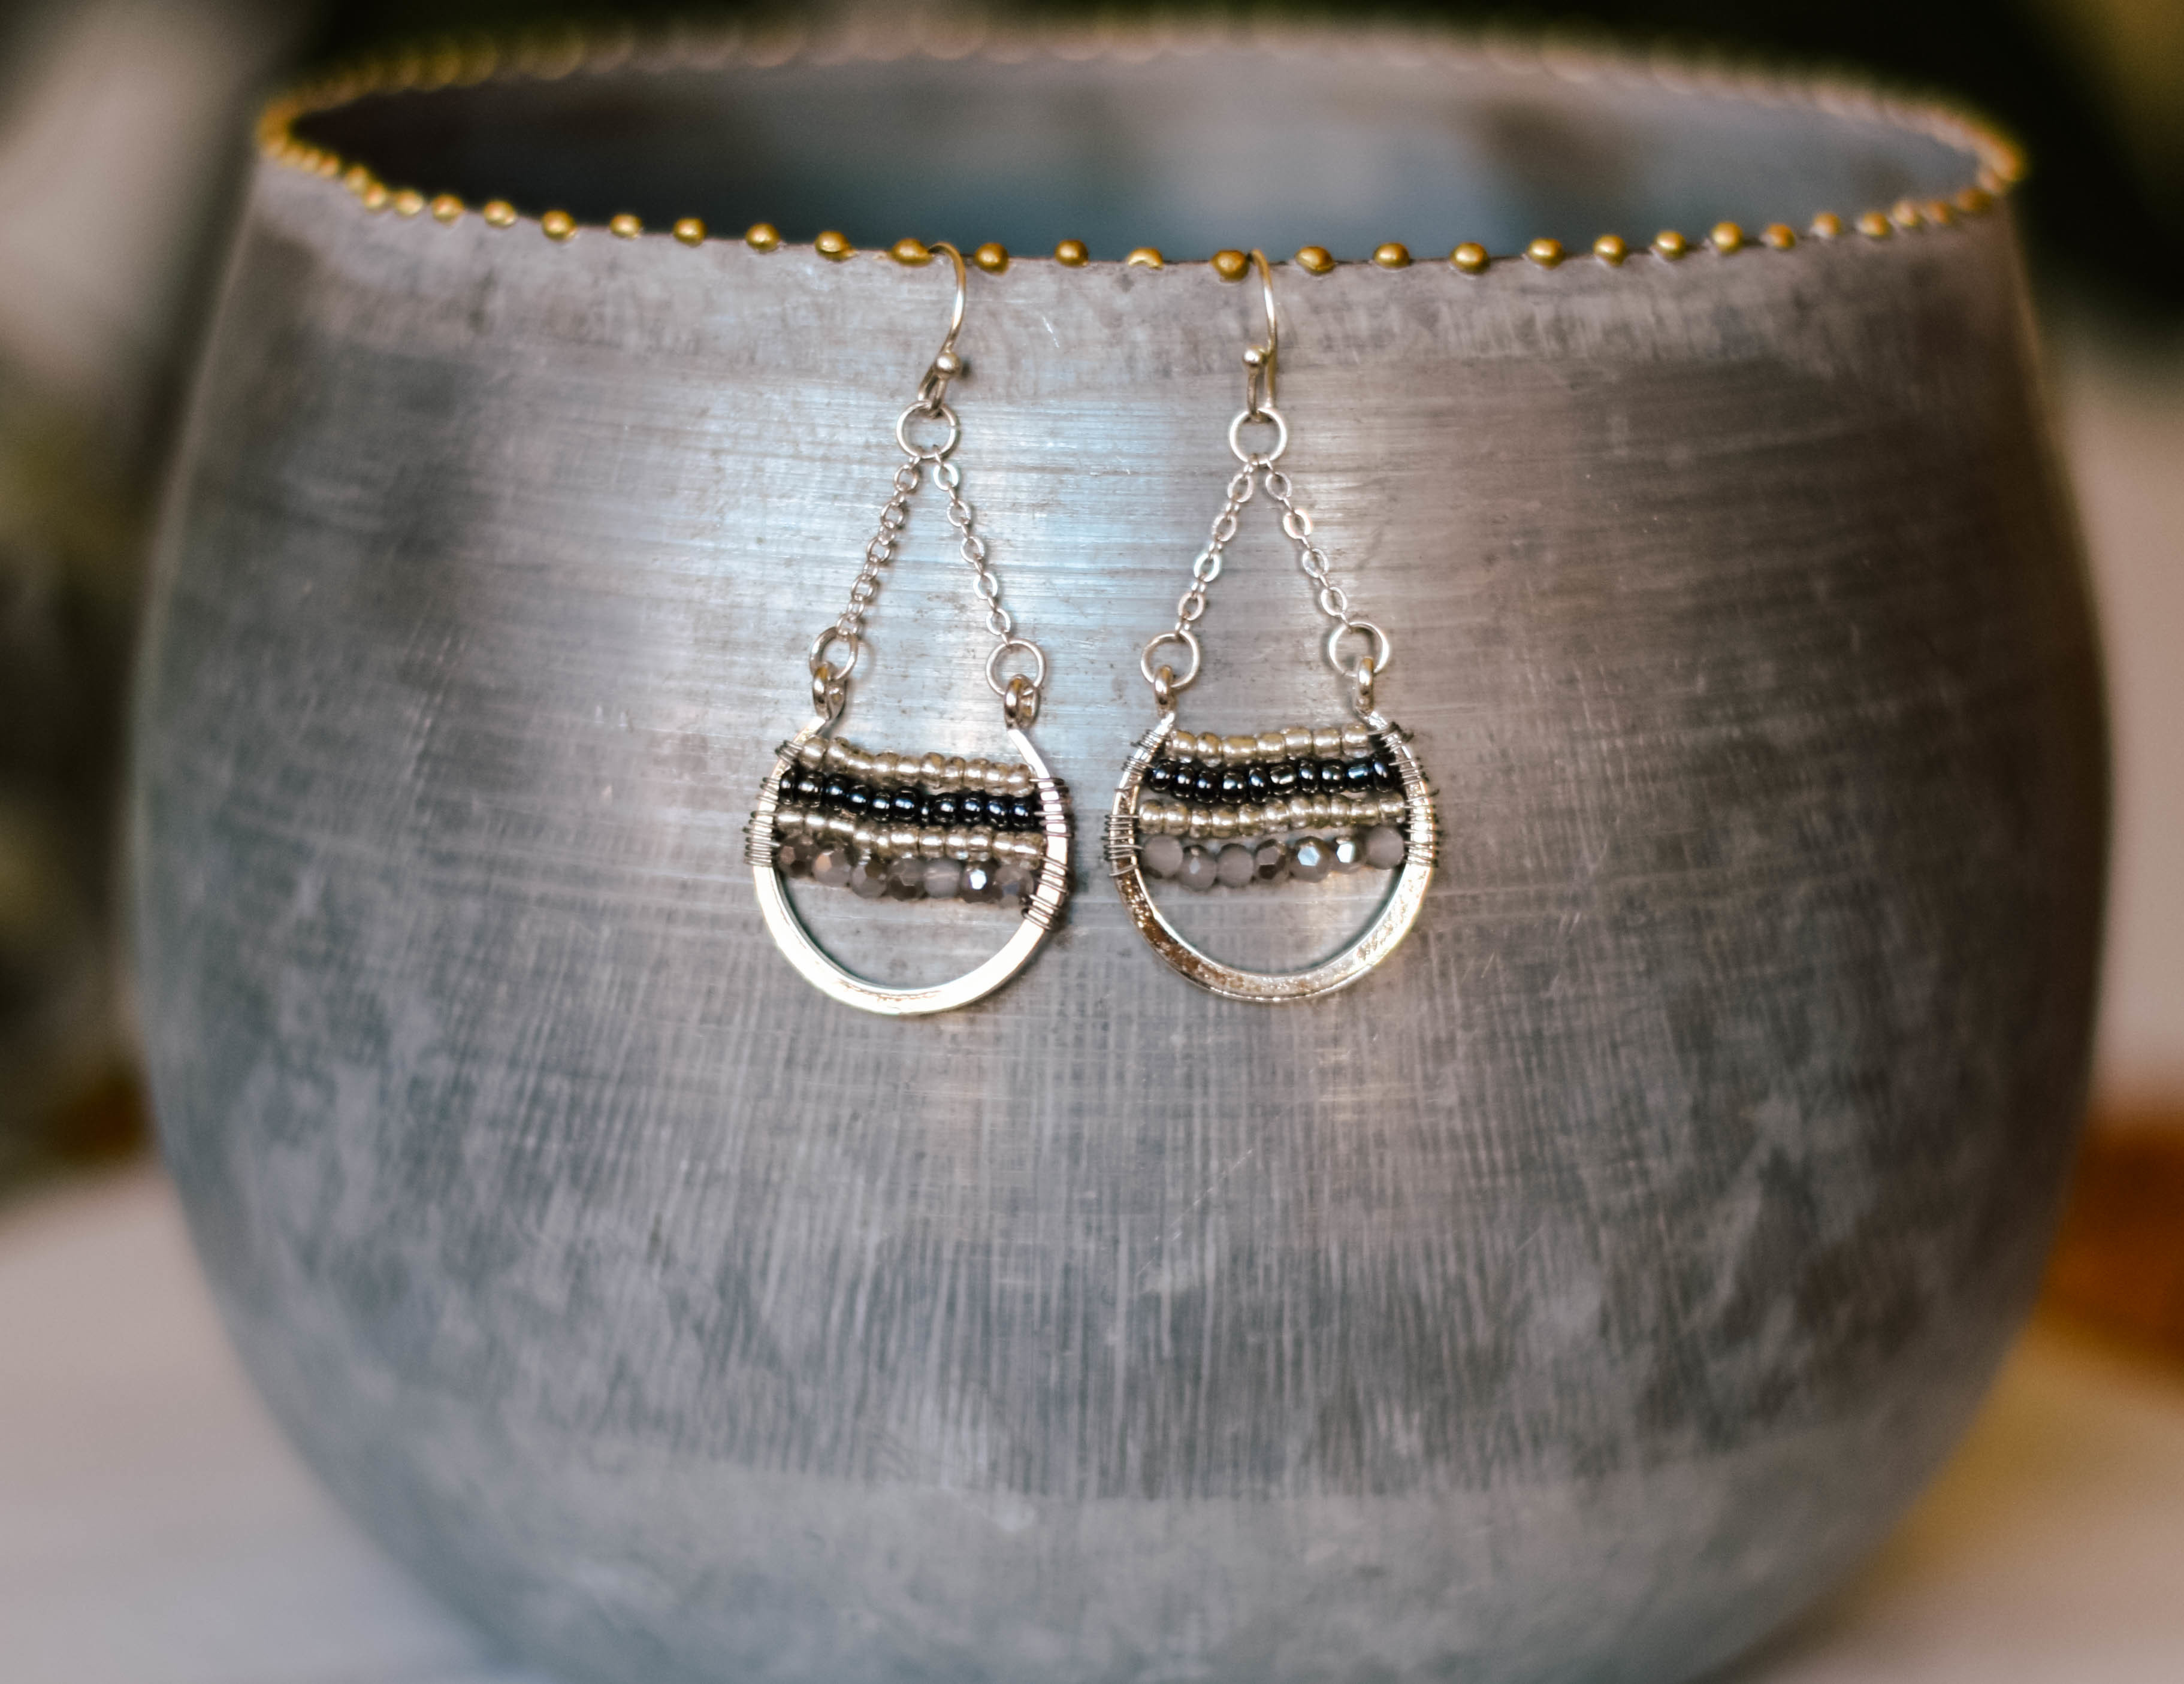 earrings small open round e1082-sch 7GC1APBPVKA2G